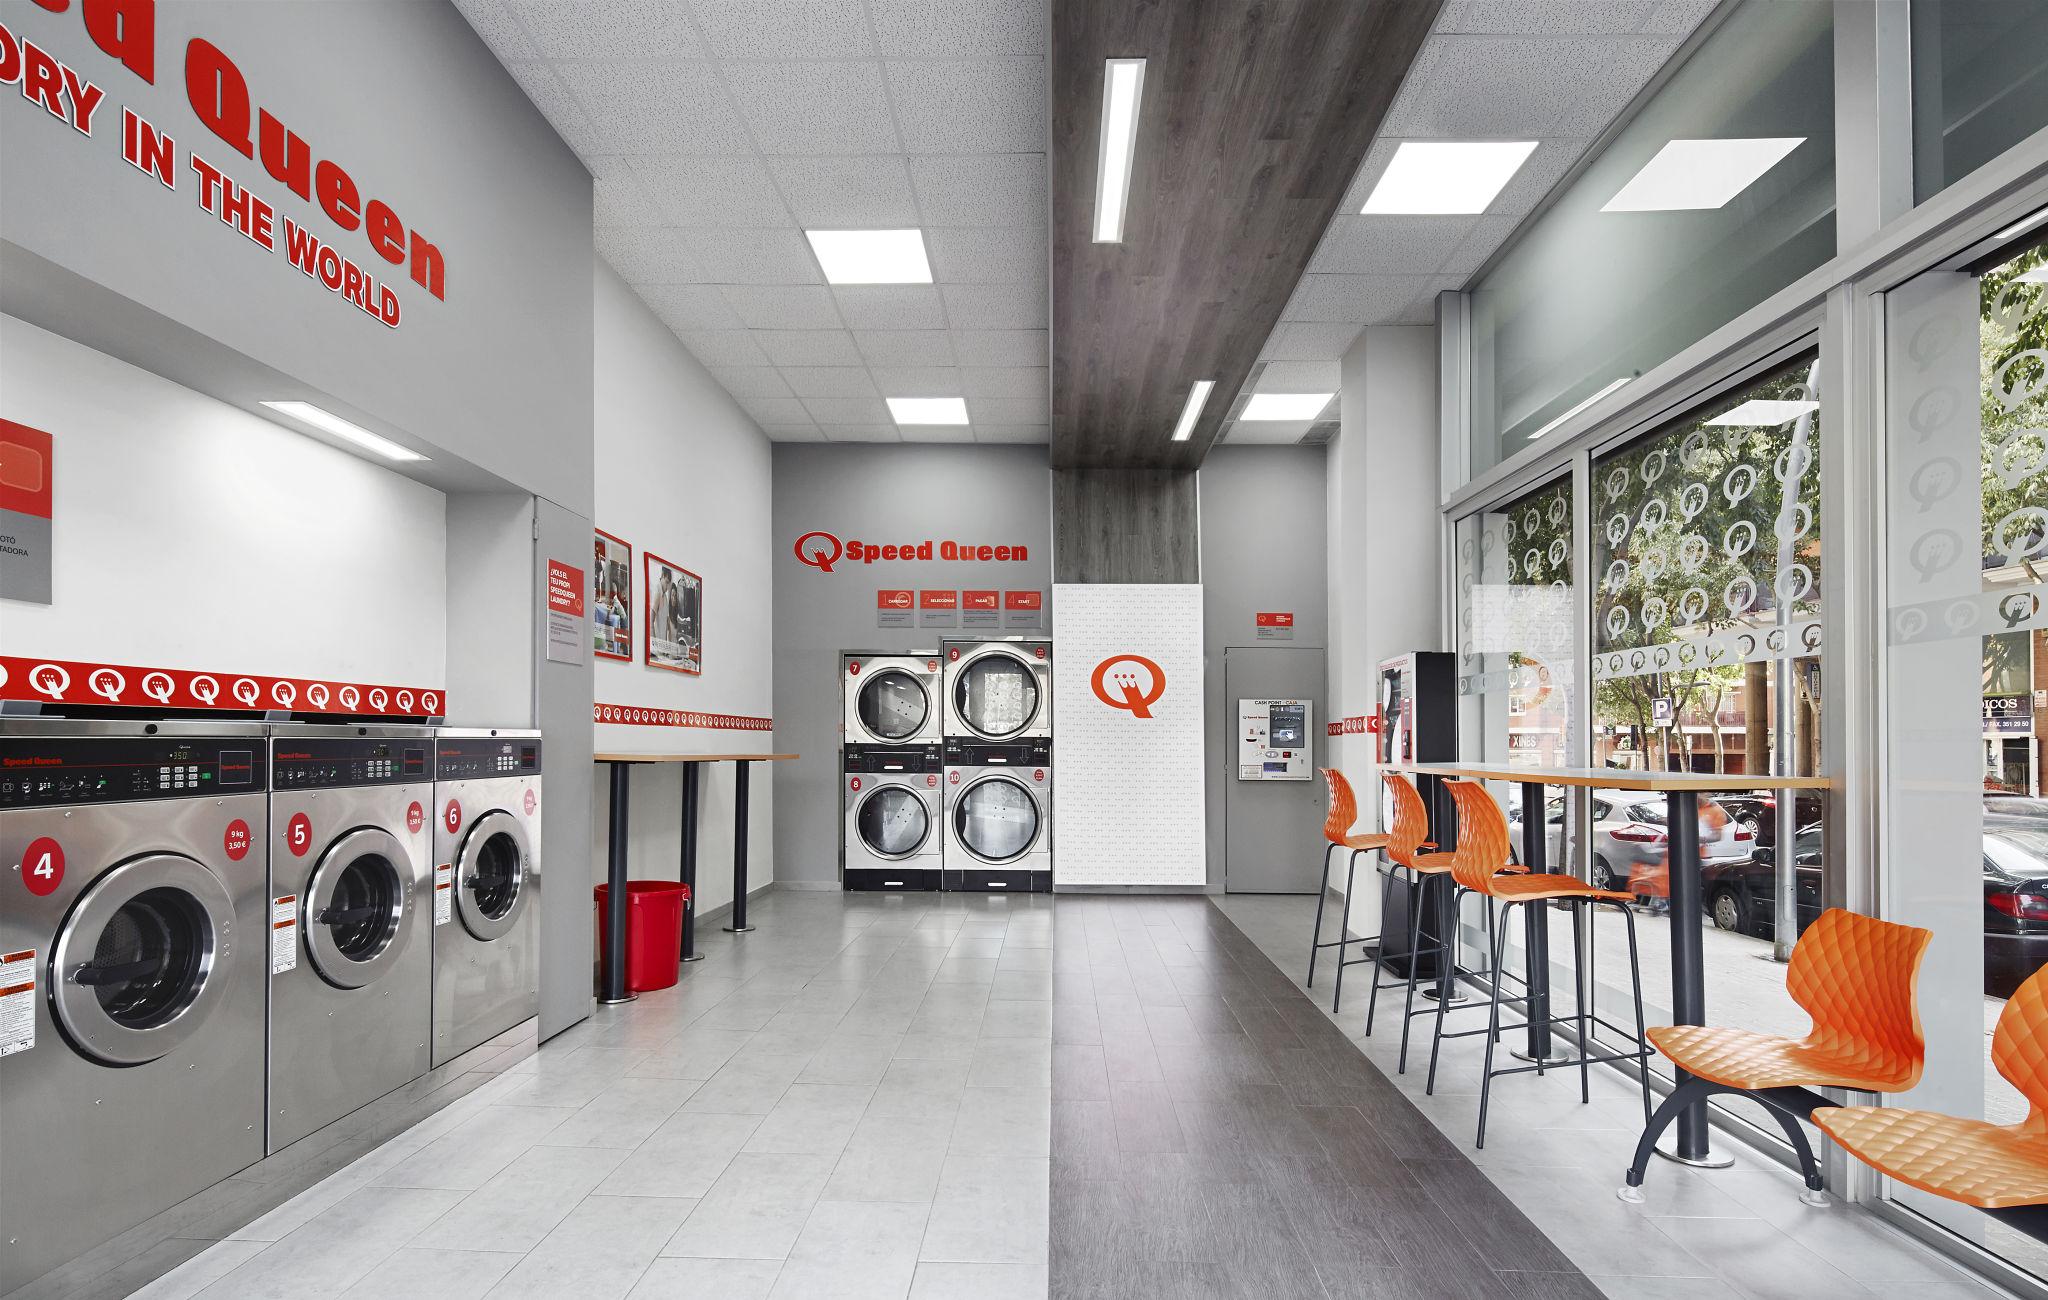 Nuevas lavanderías Speed Queen en Madrid y Barcelona